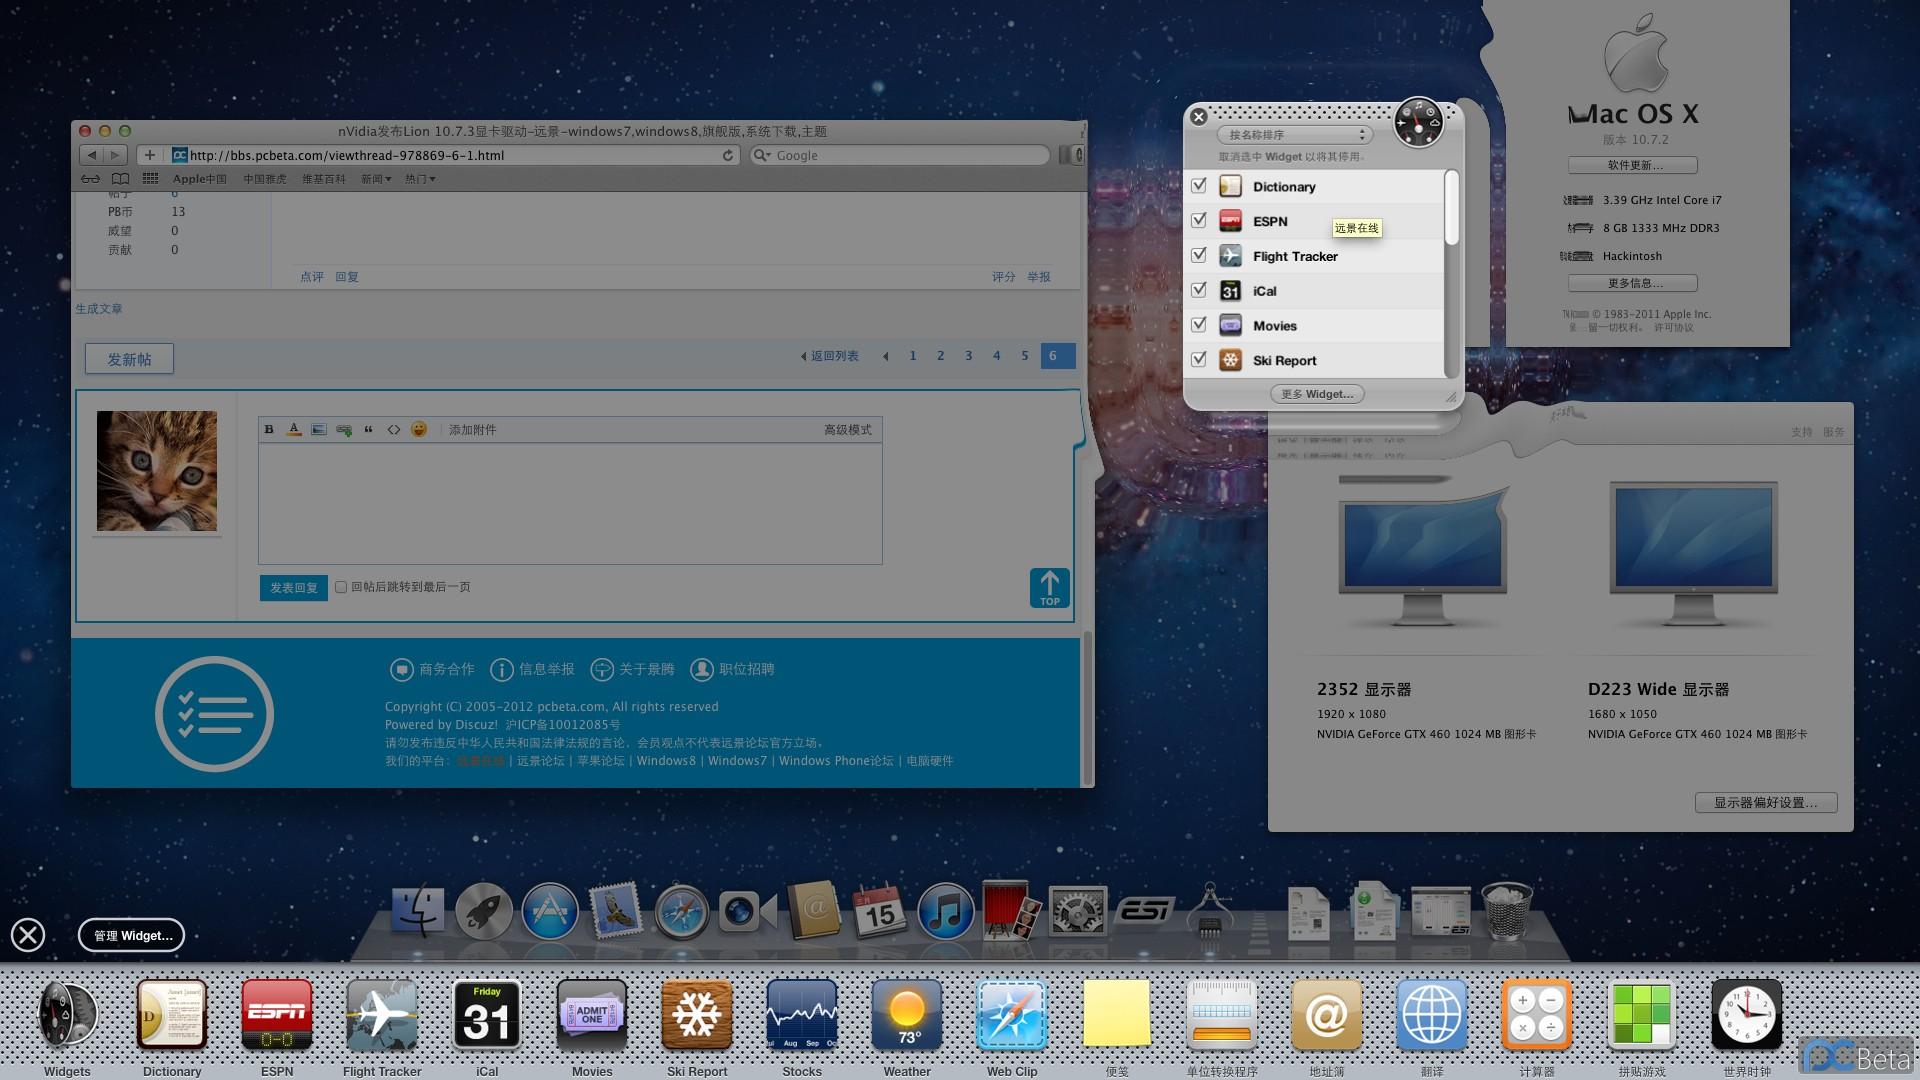 屏幕快照 2012-03-15 上午6.02.44.jpg